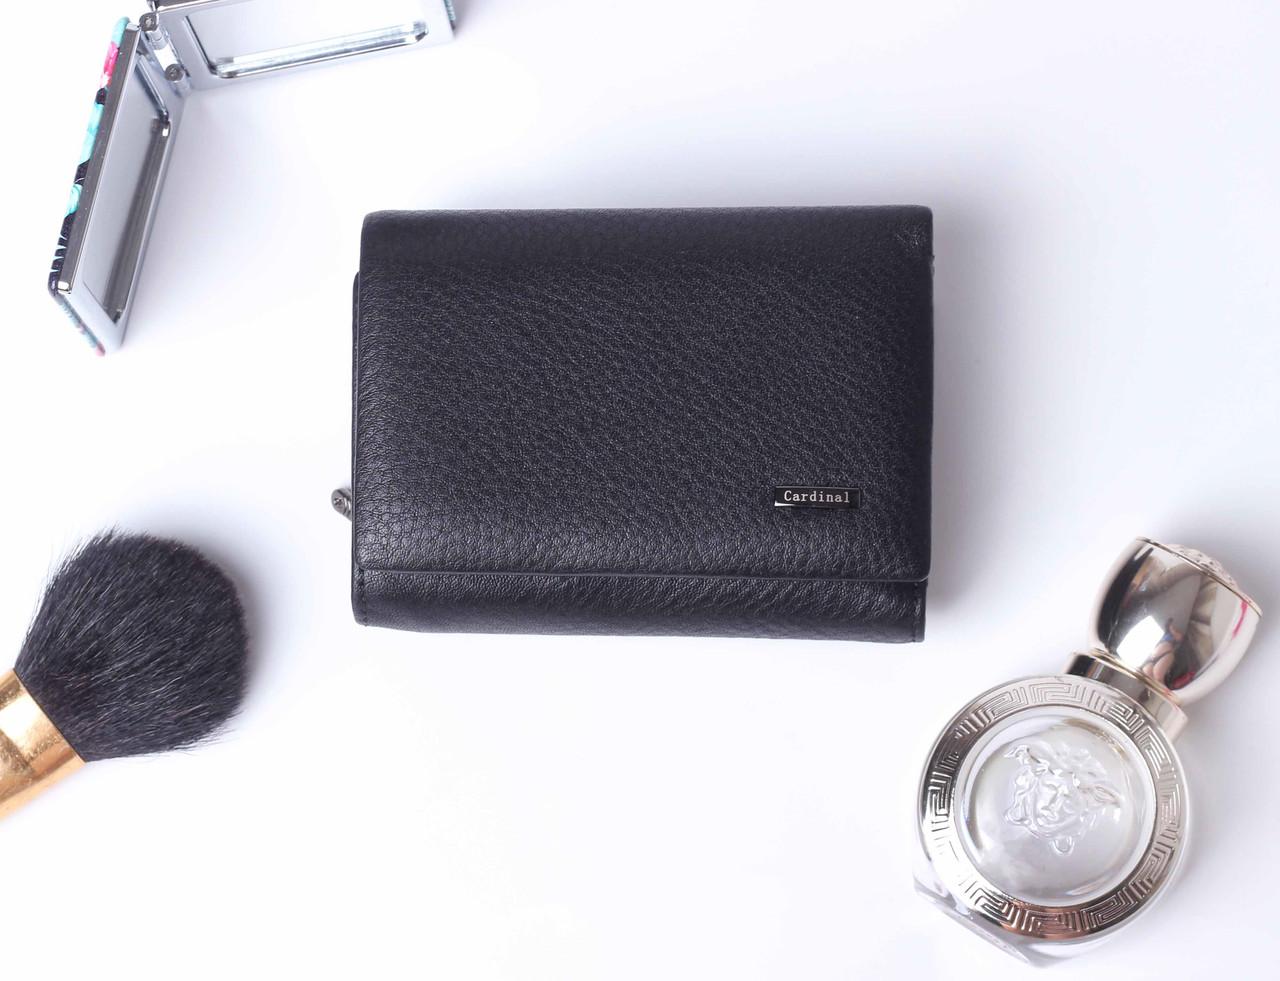 Кожаный маленький женский черный кошелек портмоне тройного сложения Cardinal, кошелек из натуральной кожи